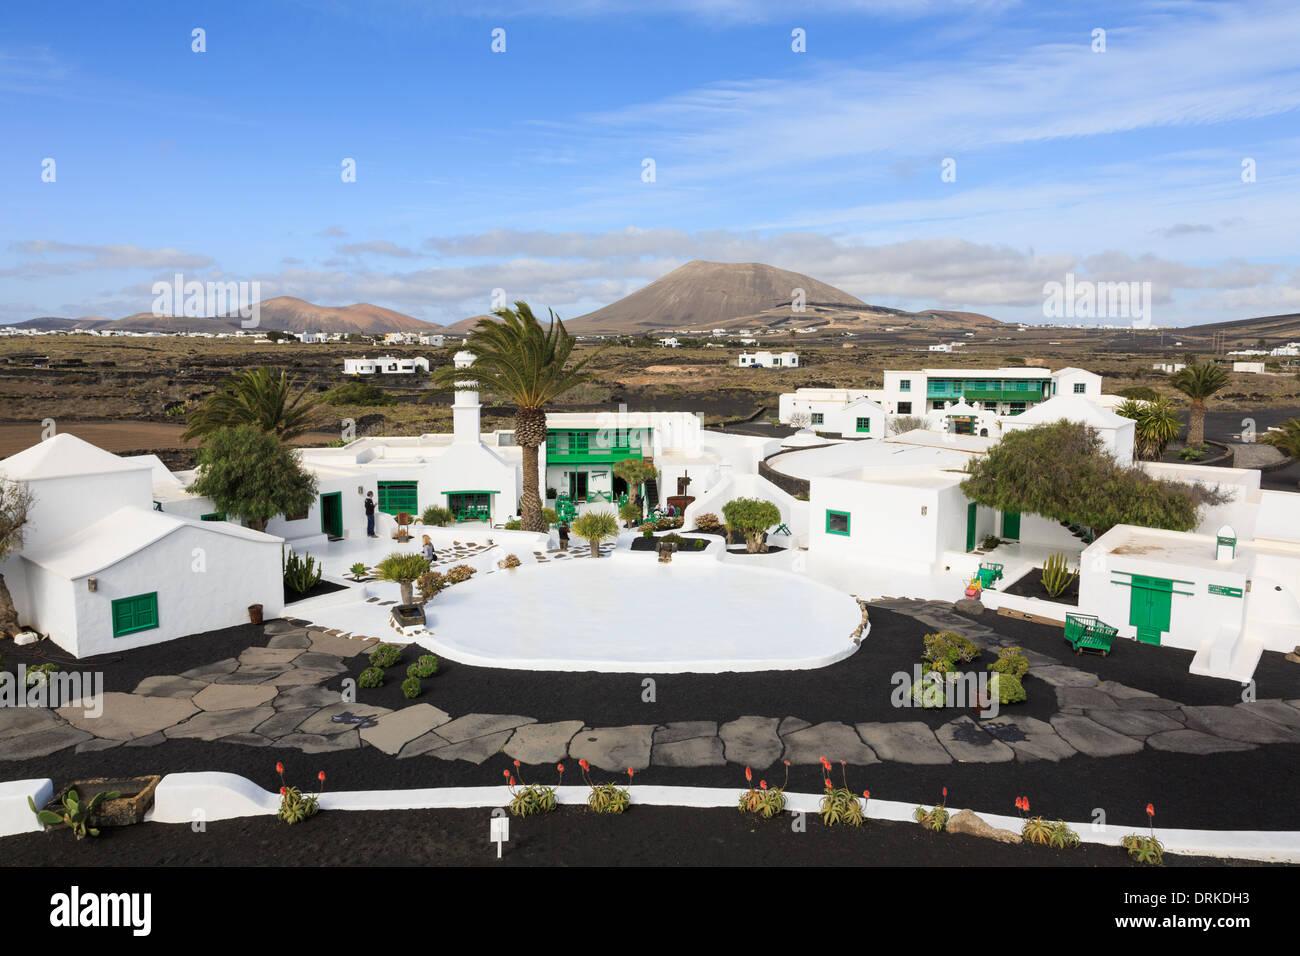 Museo Casa y Monumento al Campesino del centro visitatori e museo in stile canario architettura. Lanzarote isole Canarie Immagini Stock